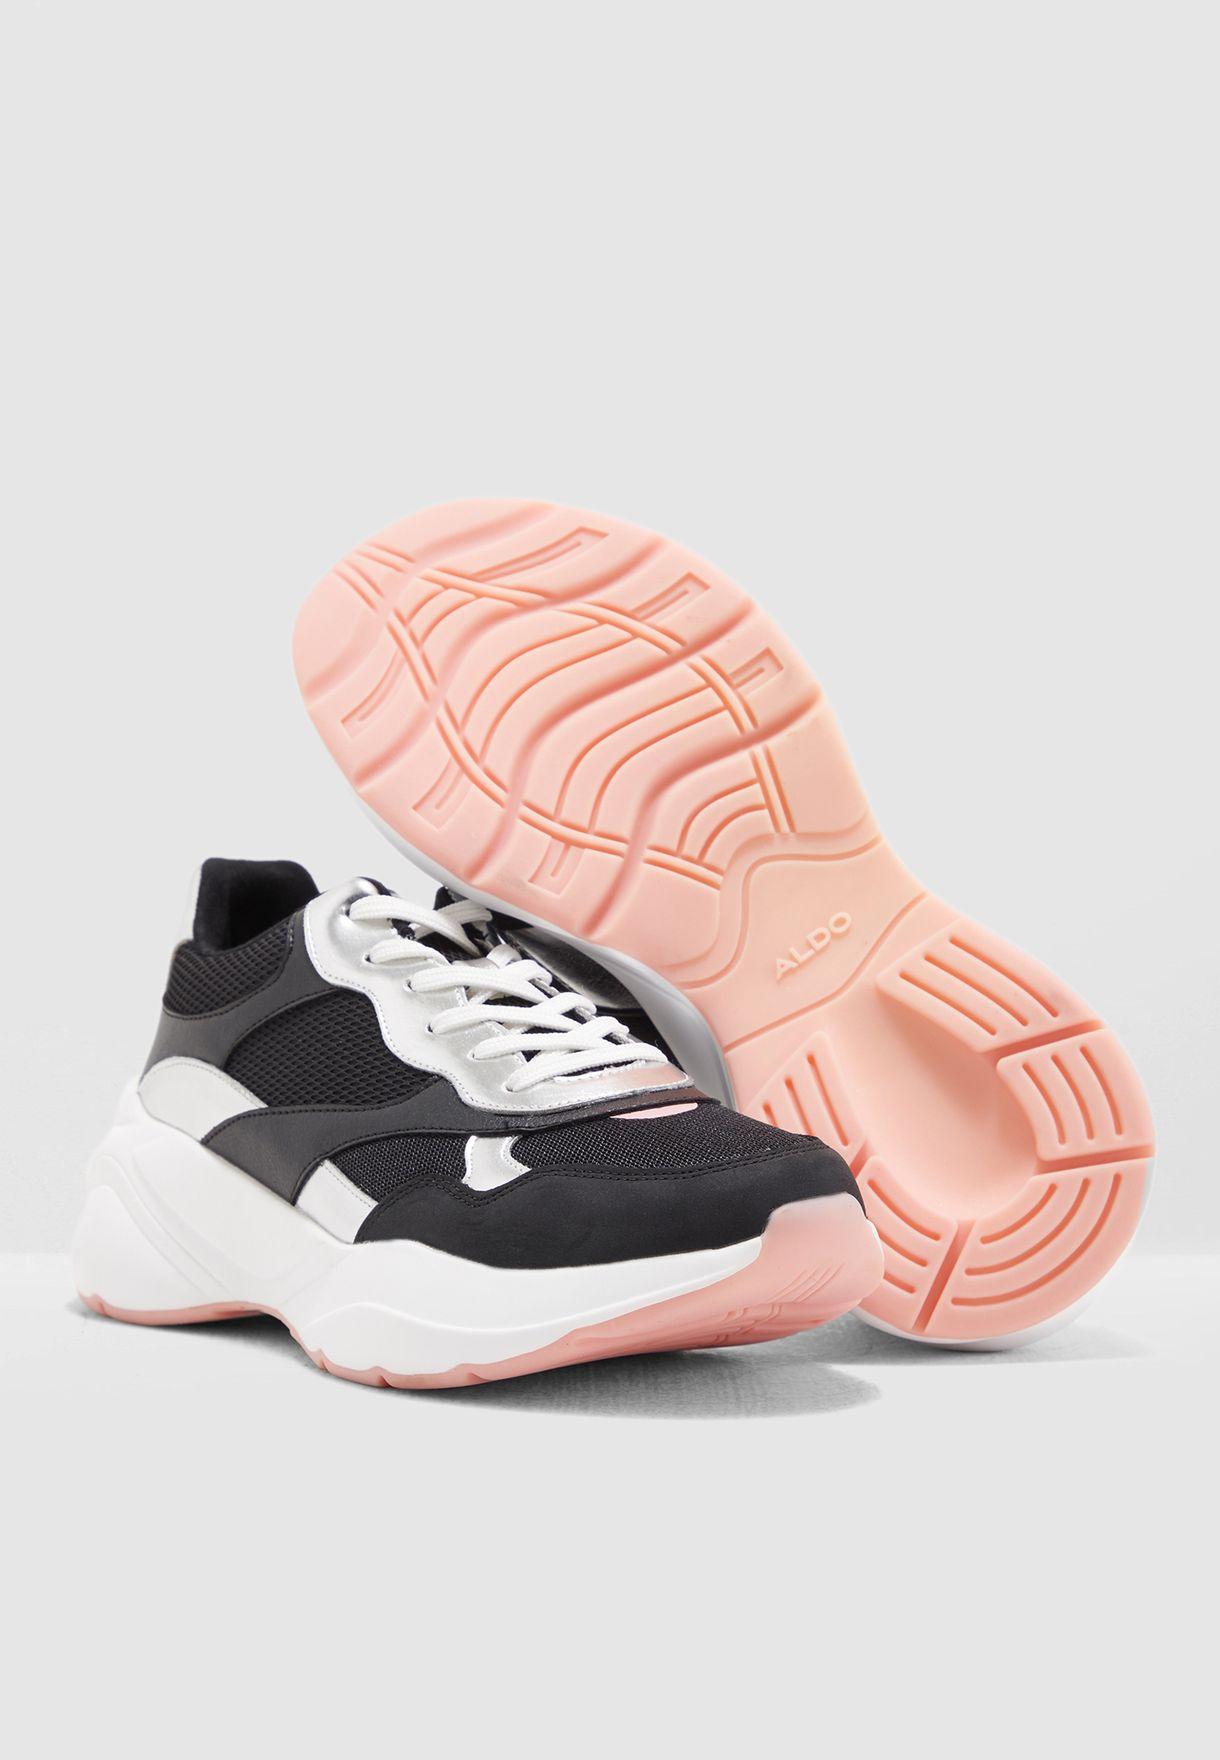 6f438cb78a77 Shop Aldo multicolor Merurka Sneaker MERURKA96 for Women in UAE ...